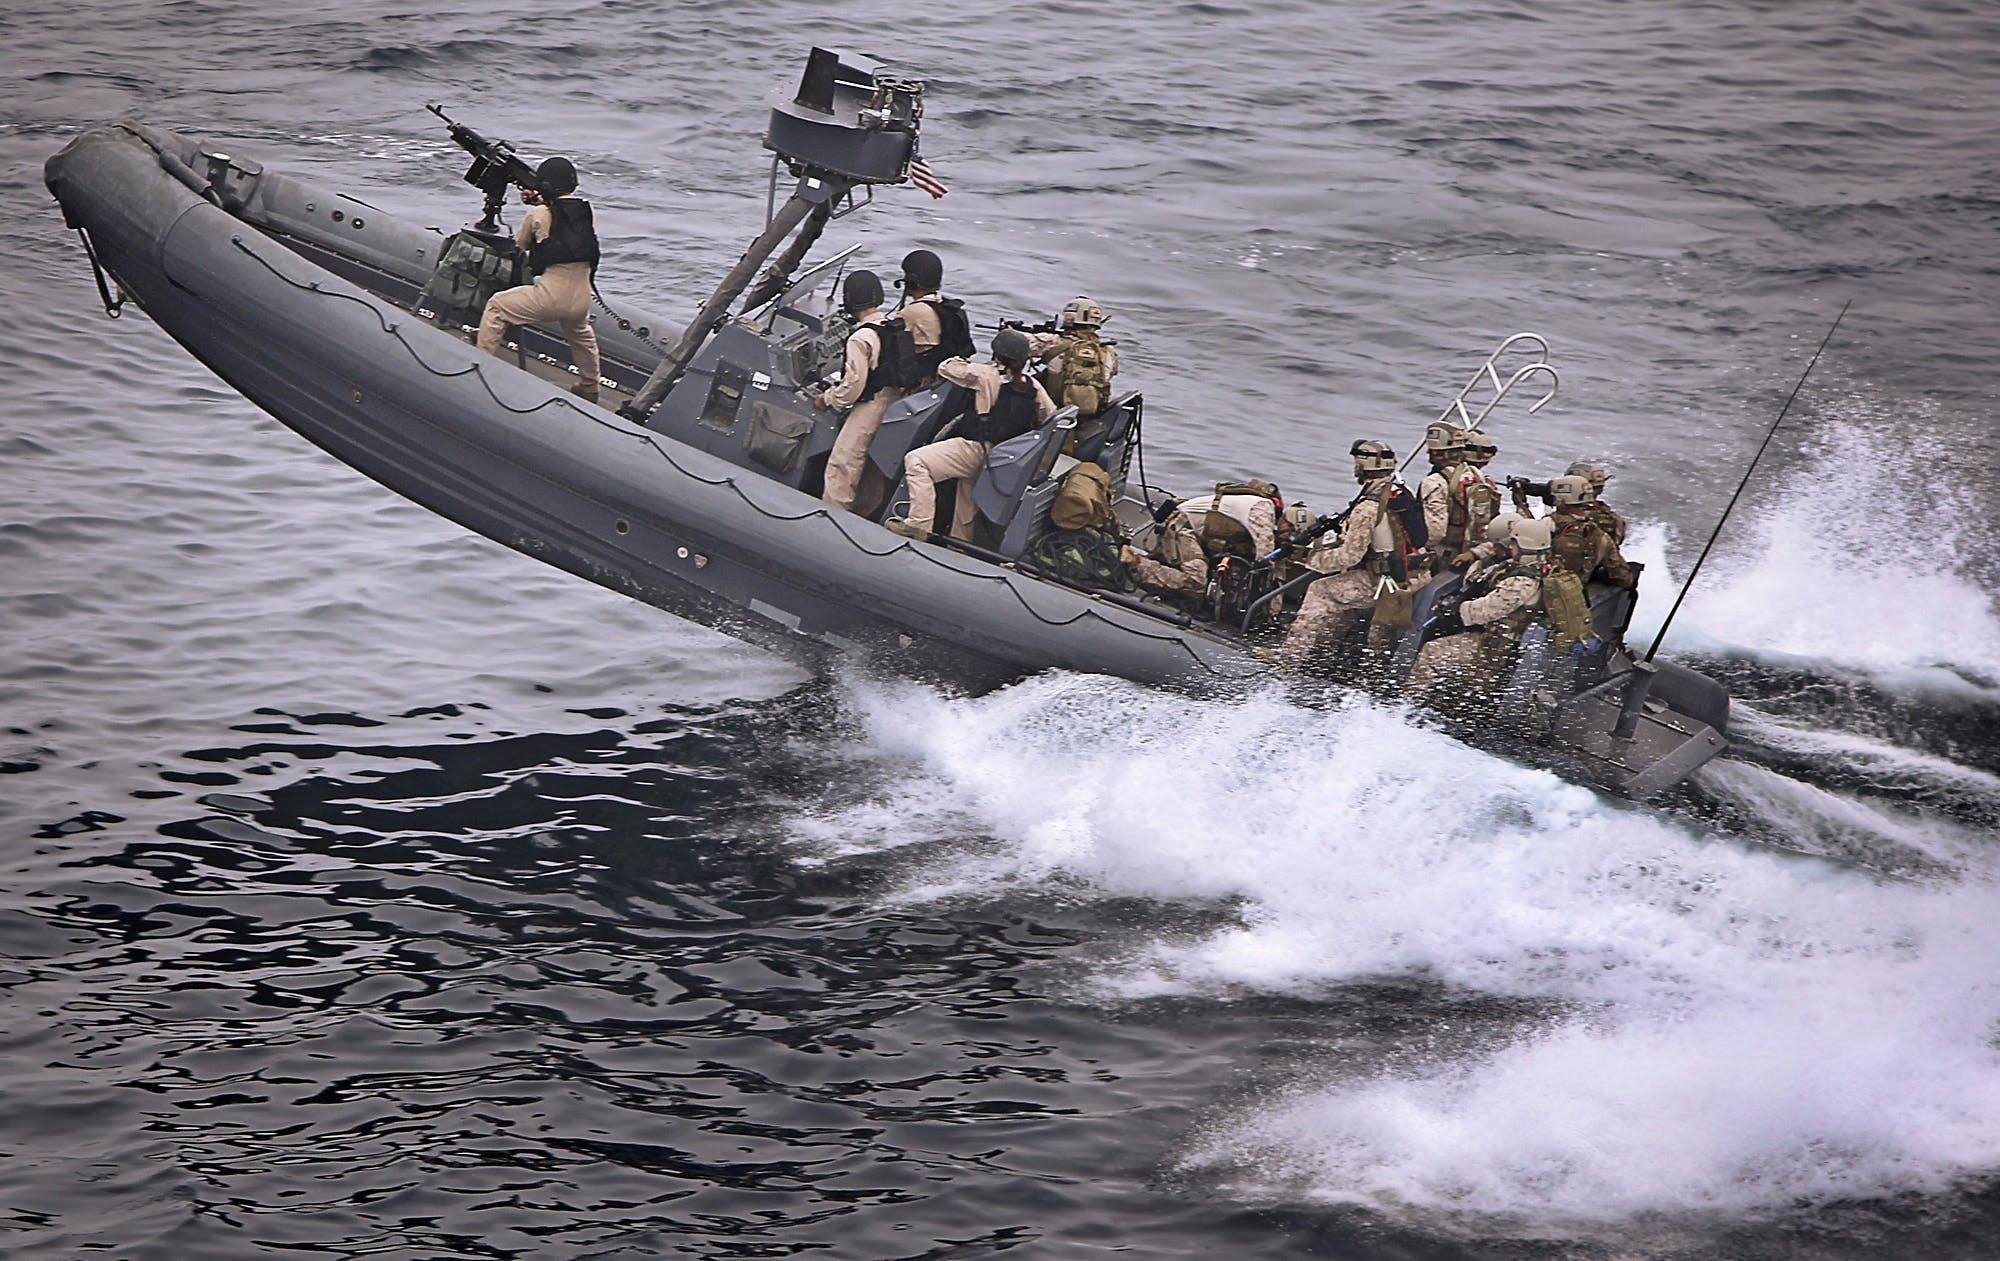 Ingyenes stockfotó emberek, felfújható csónak, férfiak, haditengerészet témában